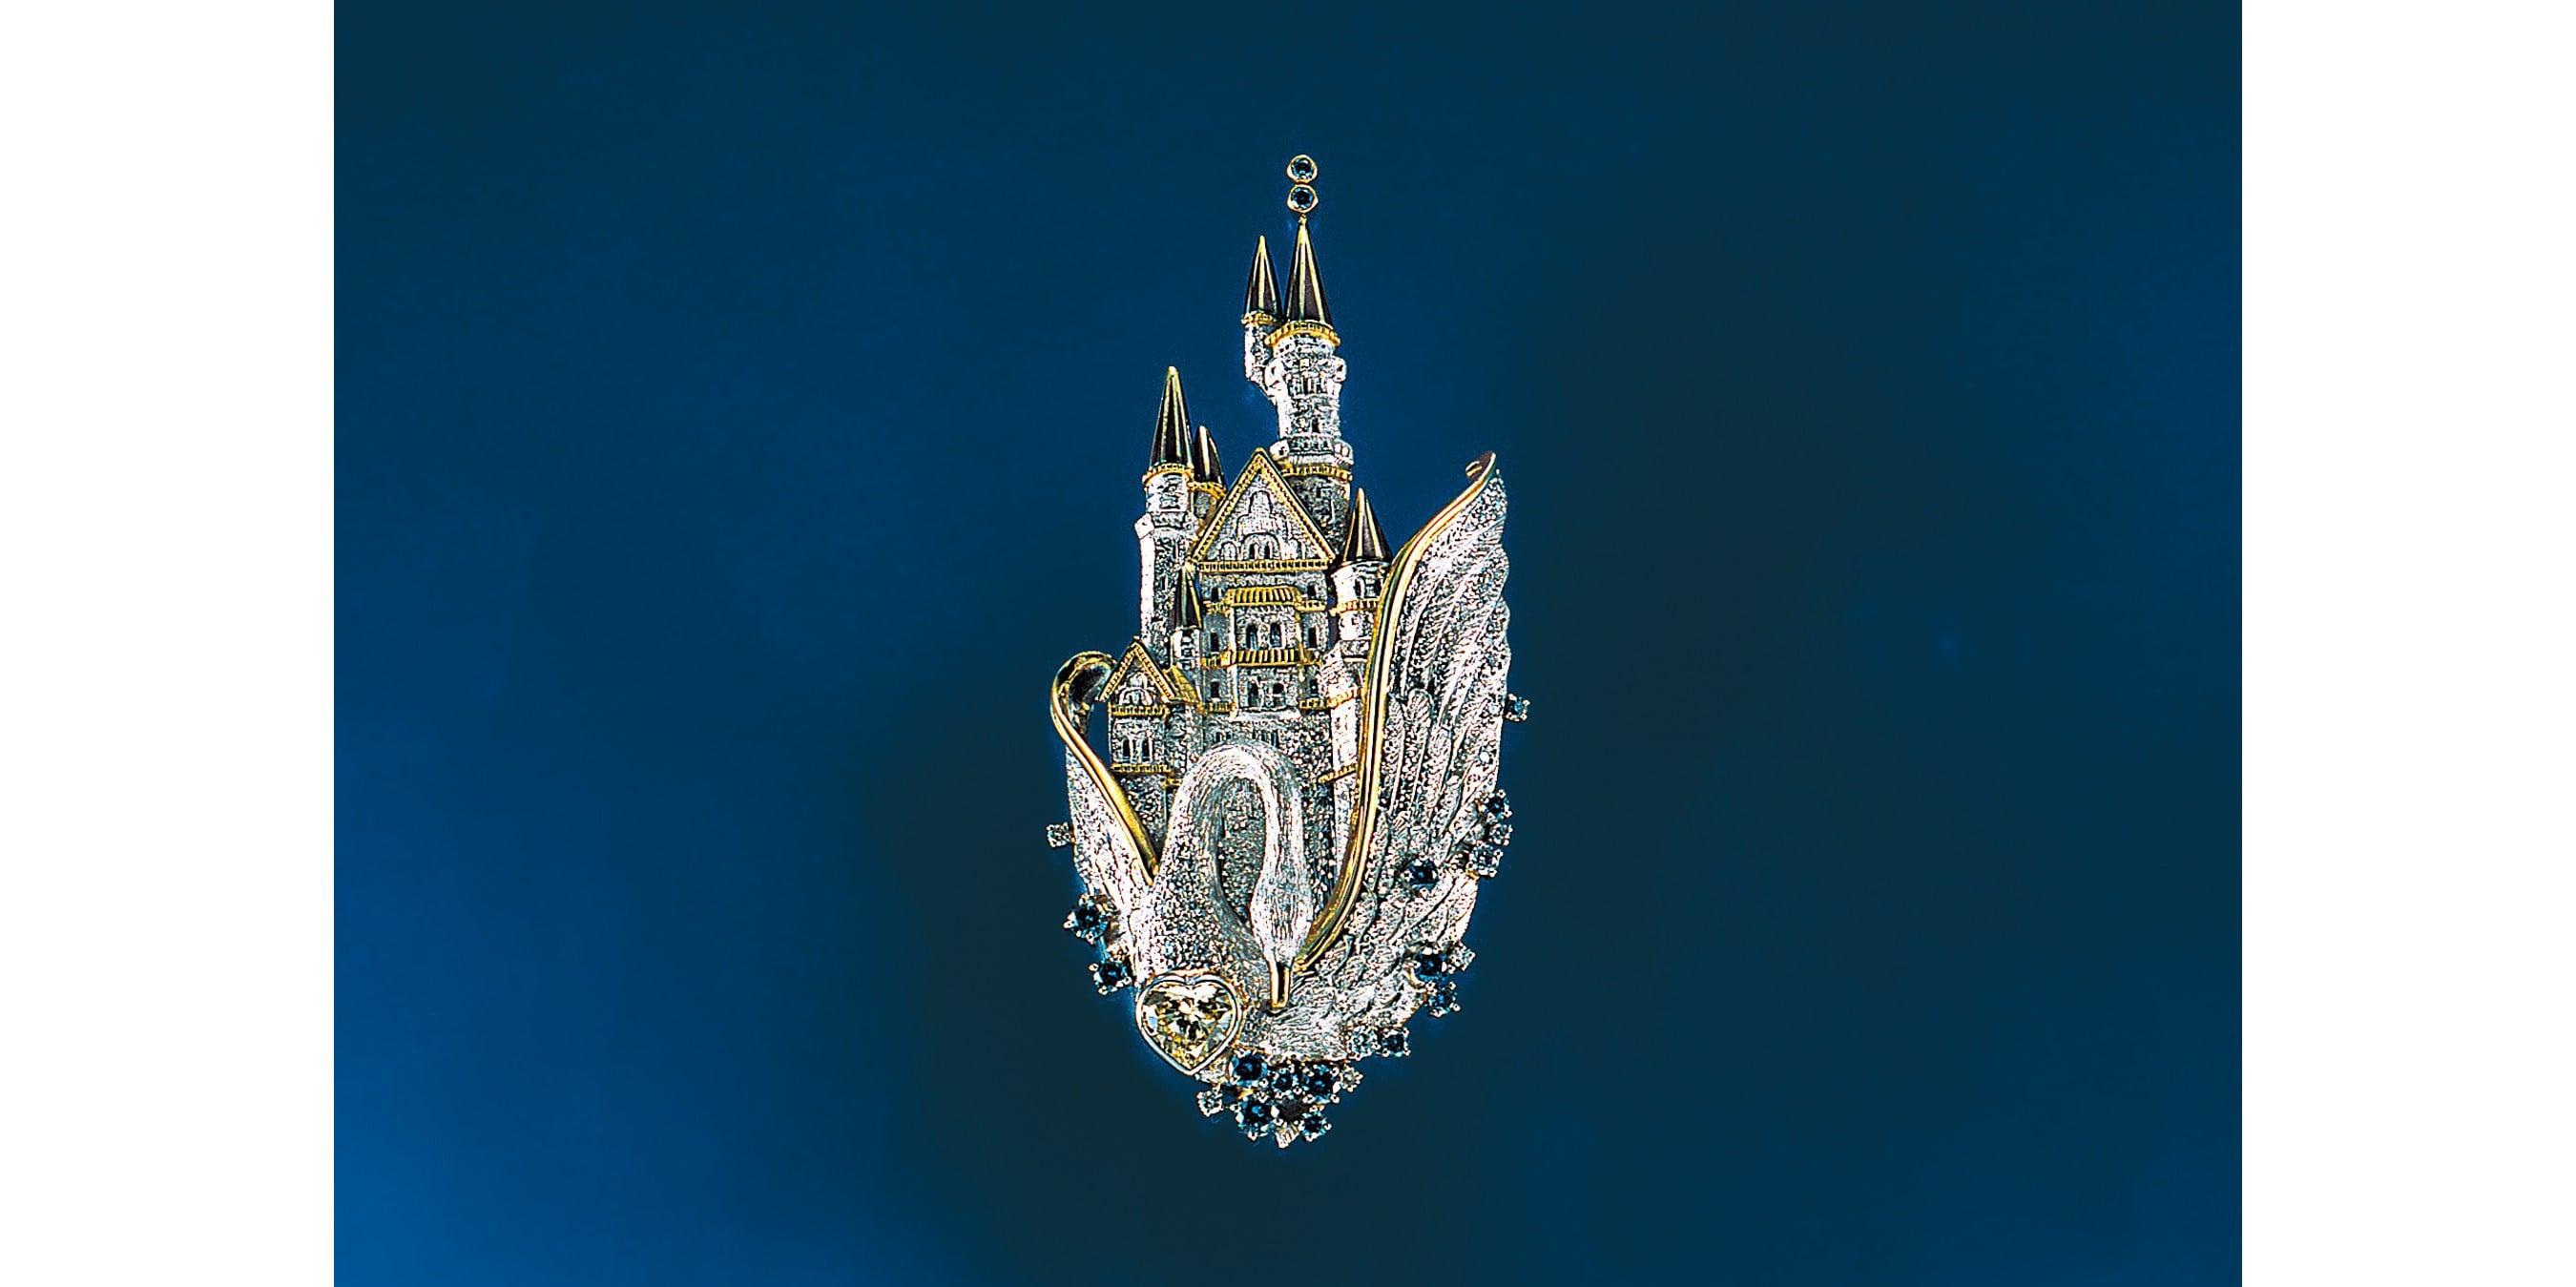 ドイツの古城、ノインシュバンシュタイン城と、羽を広げた白鳥を描写した壮大な作品。城の先端には赤銅を施し、全体にタガネで複雑なテクスチャーを加え、奥行き感のある仕上がりとなっている。 「ノイシュバンシュタイン城」ブローチ/ペンダント。K18イエローゴールド・Pt900・赤銅・ダイヤモンド。5,100,000円 税別(参考上代)